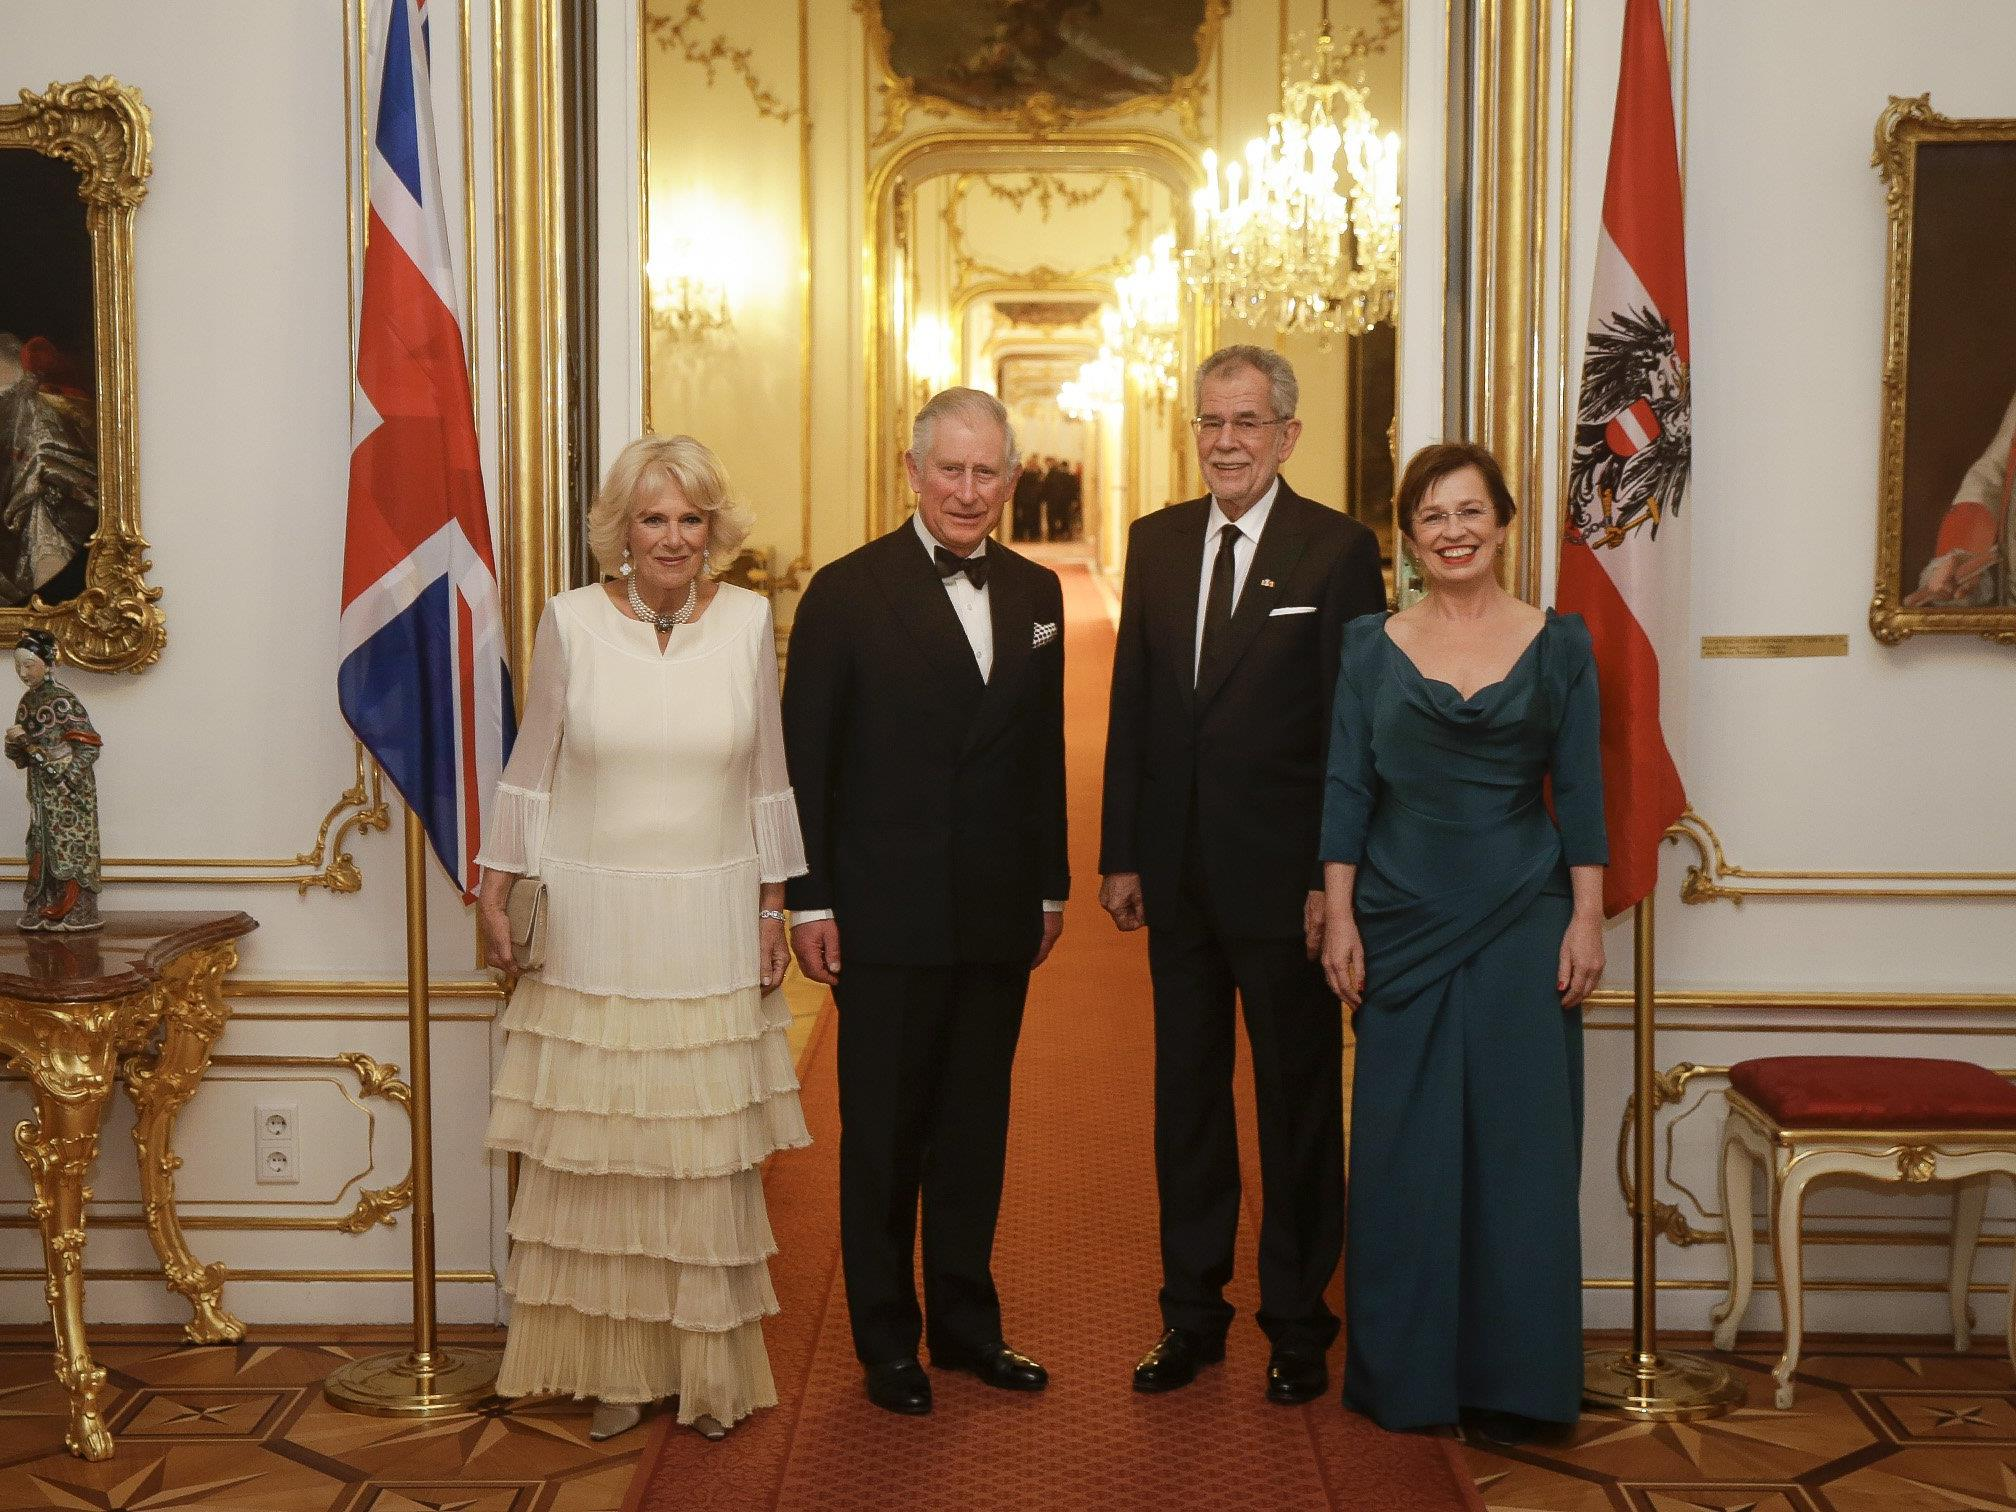 Prinz Charles und Ehefrau Camilla bei Bundespräsident Alexander Van der Bellen und seiner Gattin Doris Schmidauer.